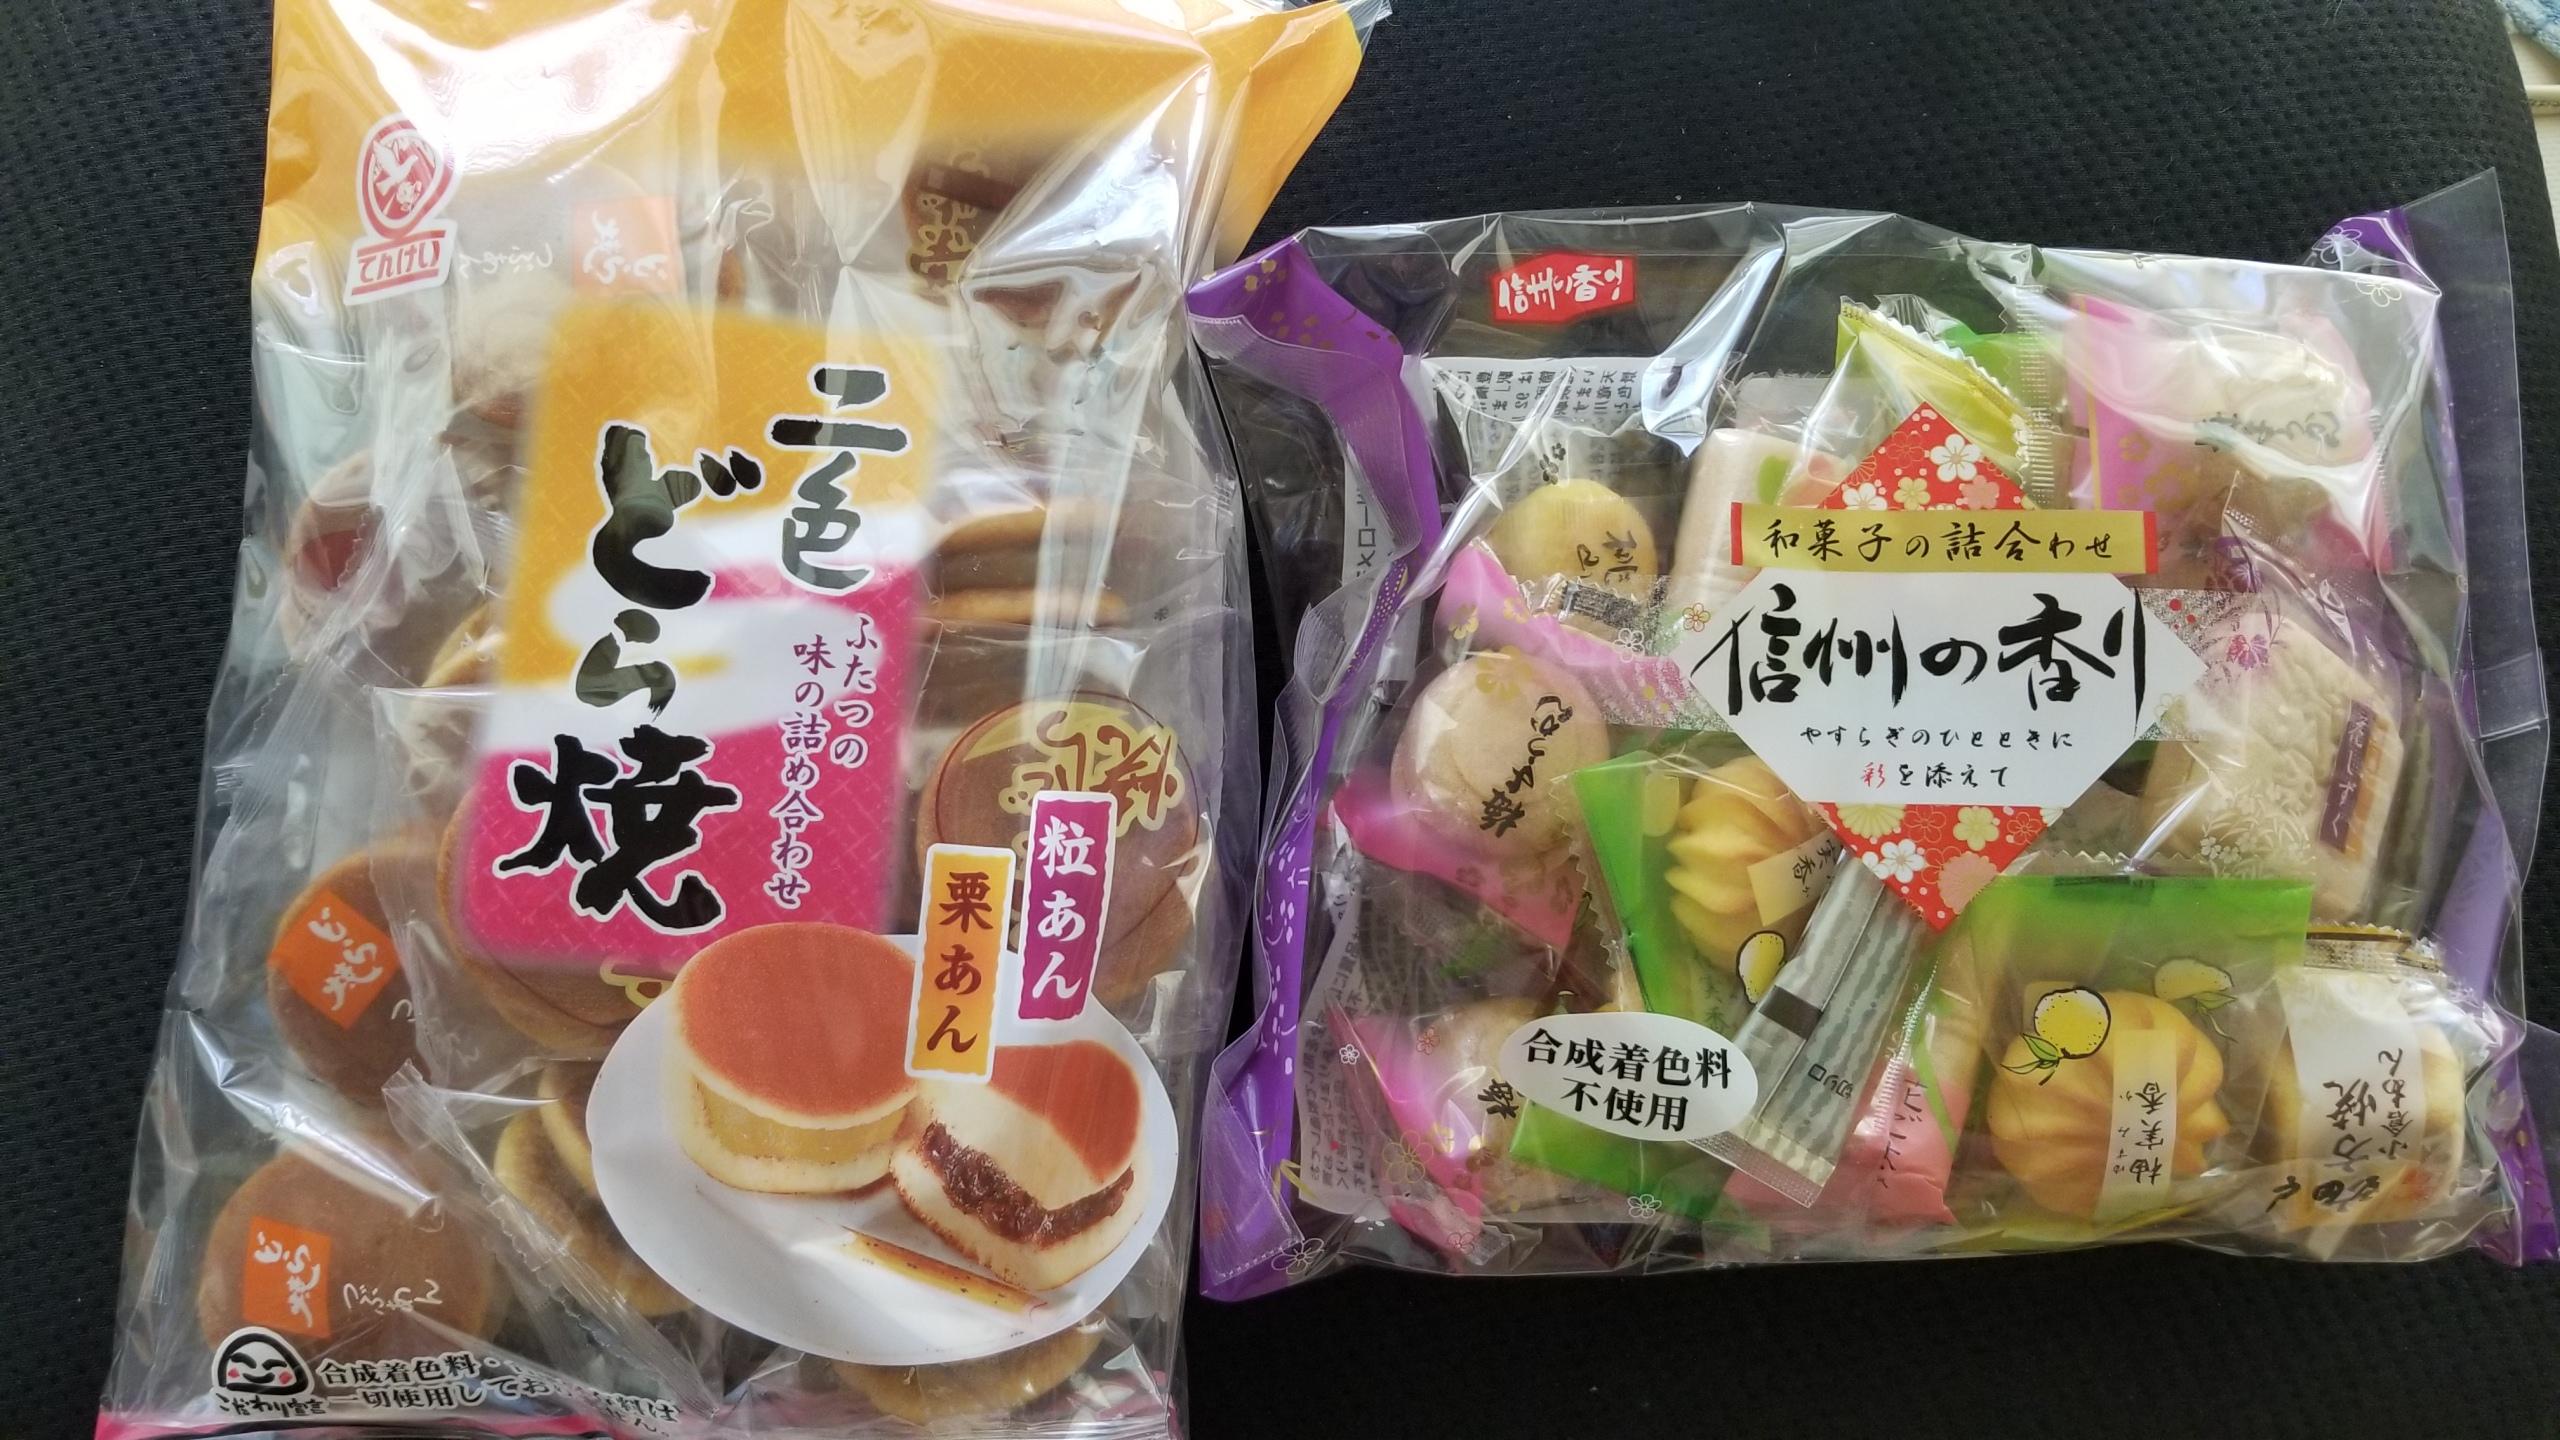 無性に甘いものが食べたい,和菓子大量購入,疲労回復,疲れている